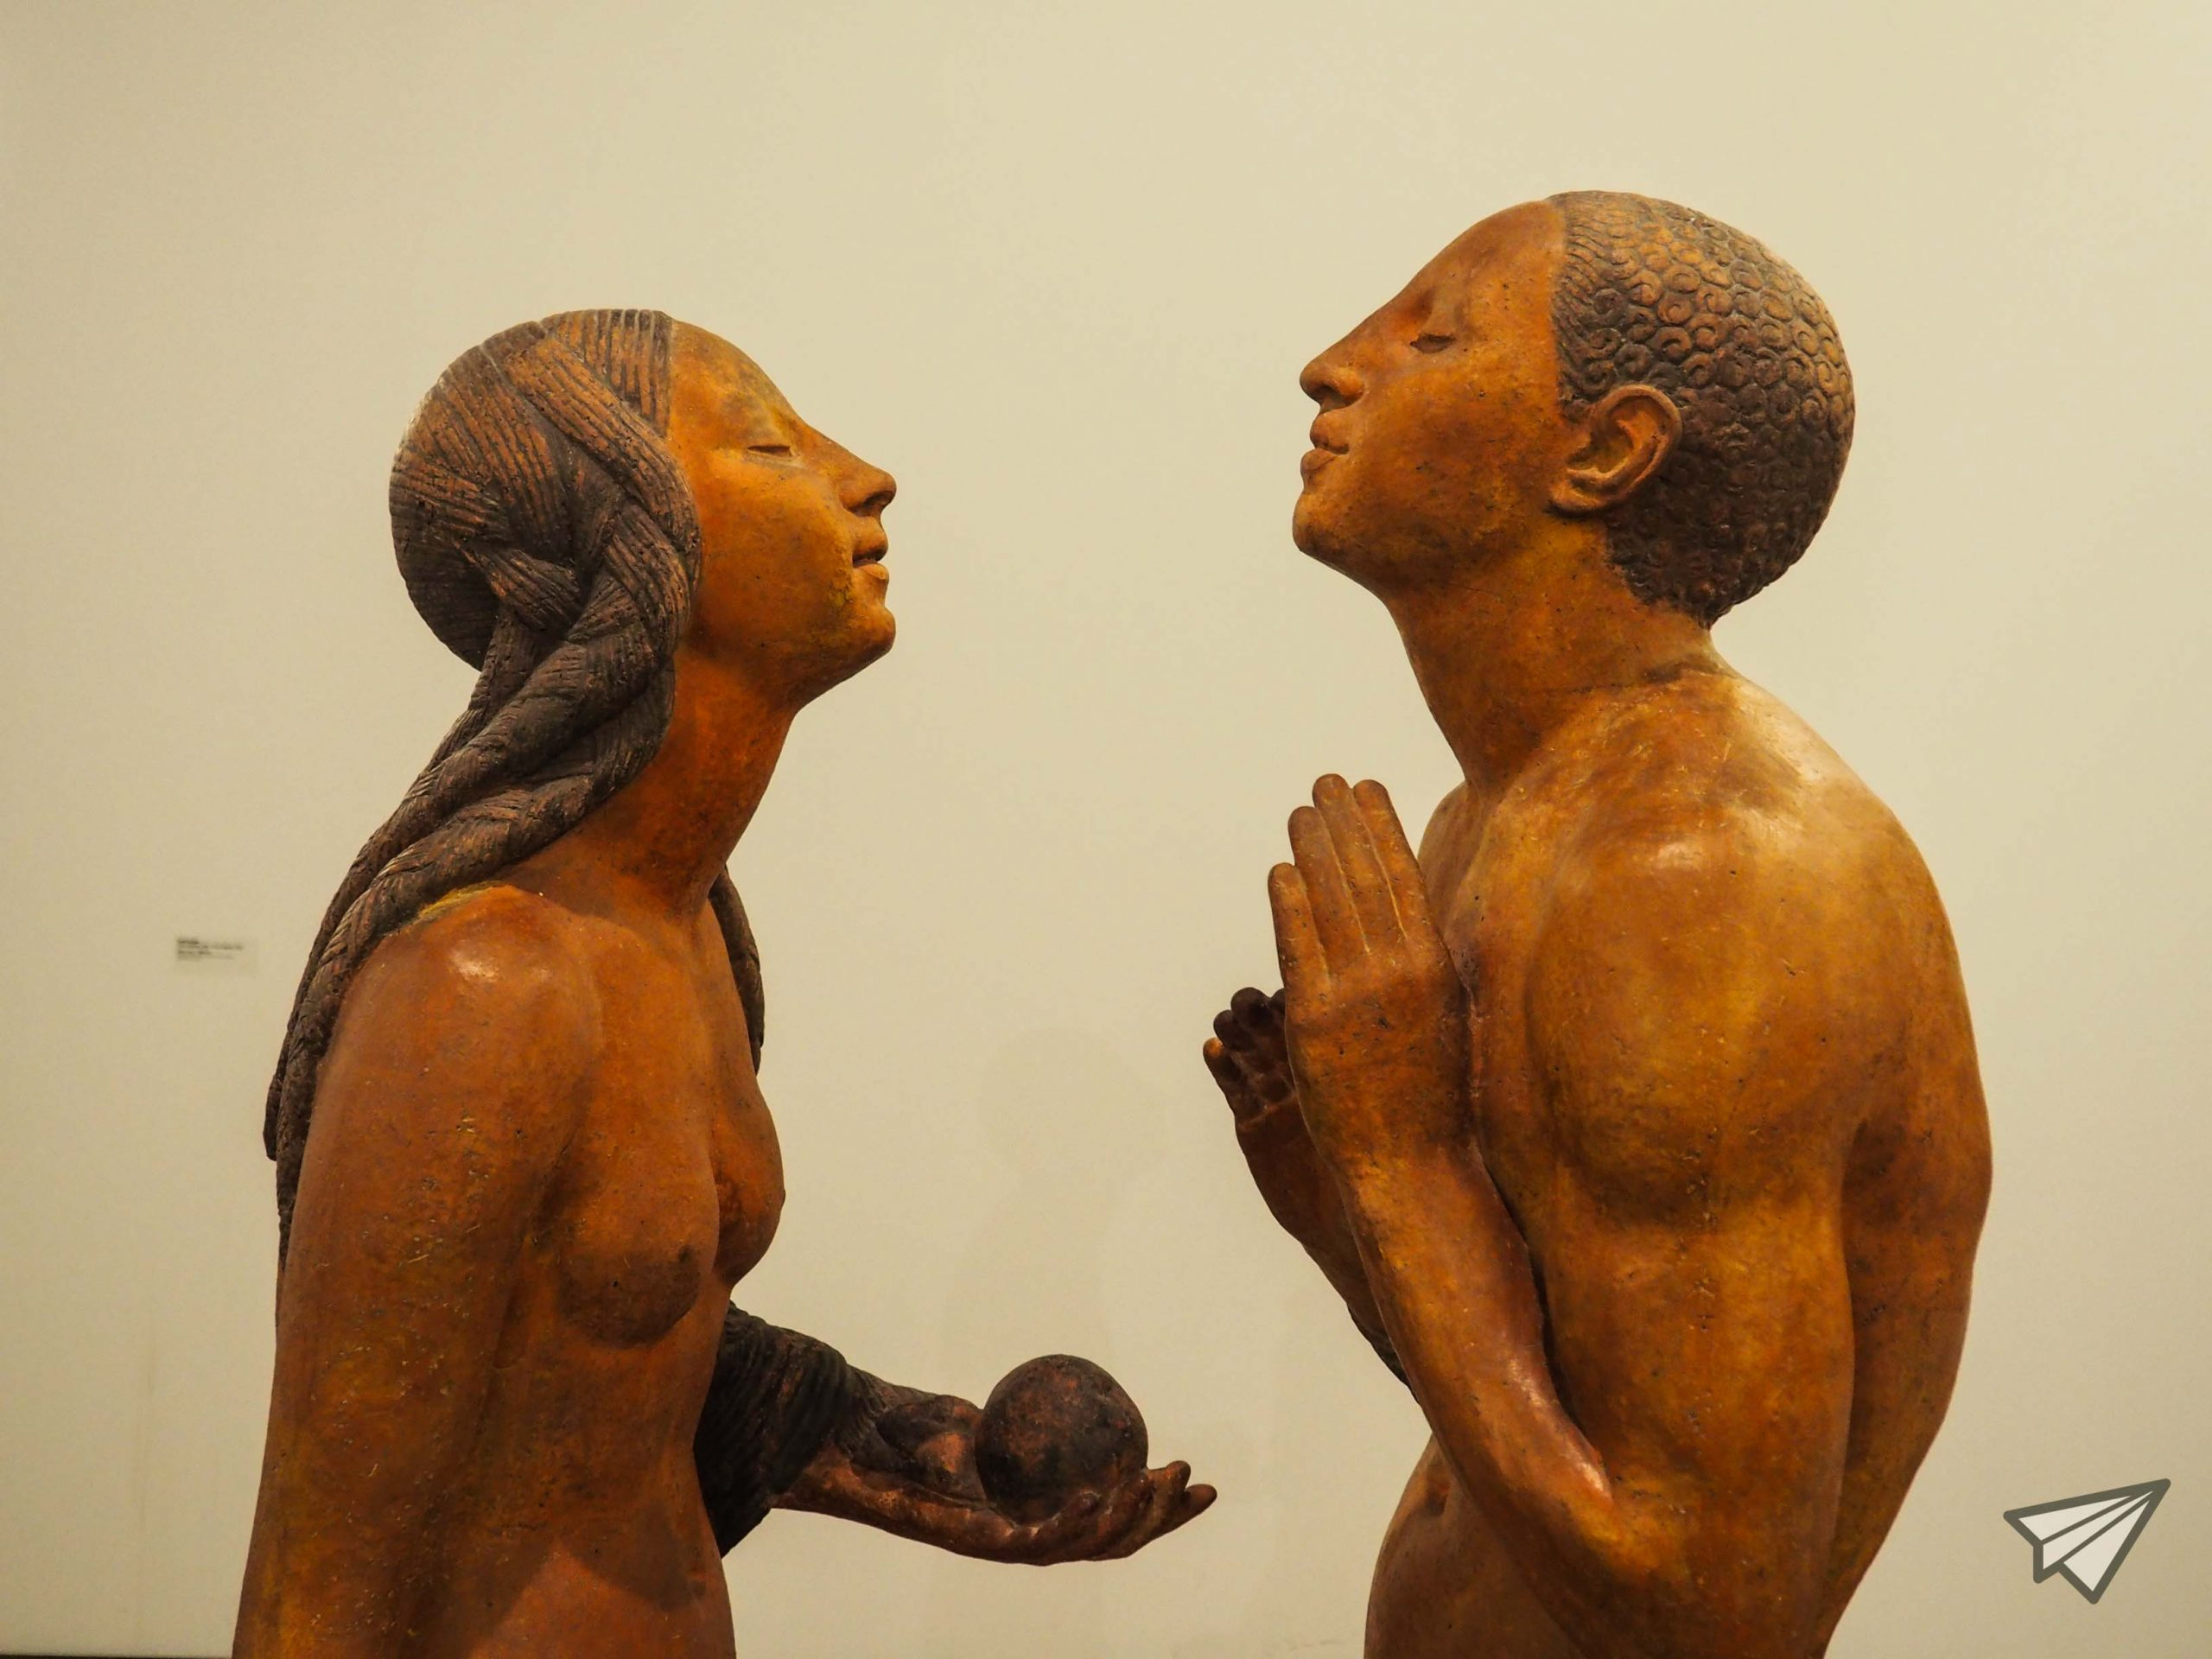 Museu do Chiado love